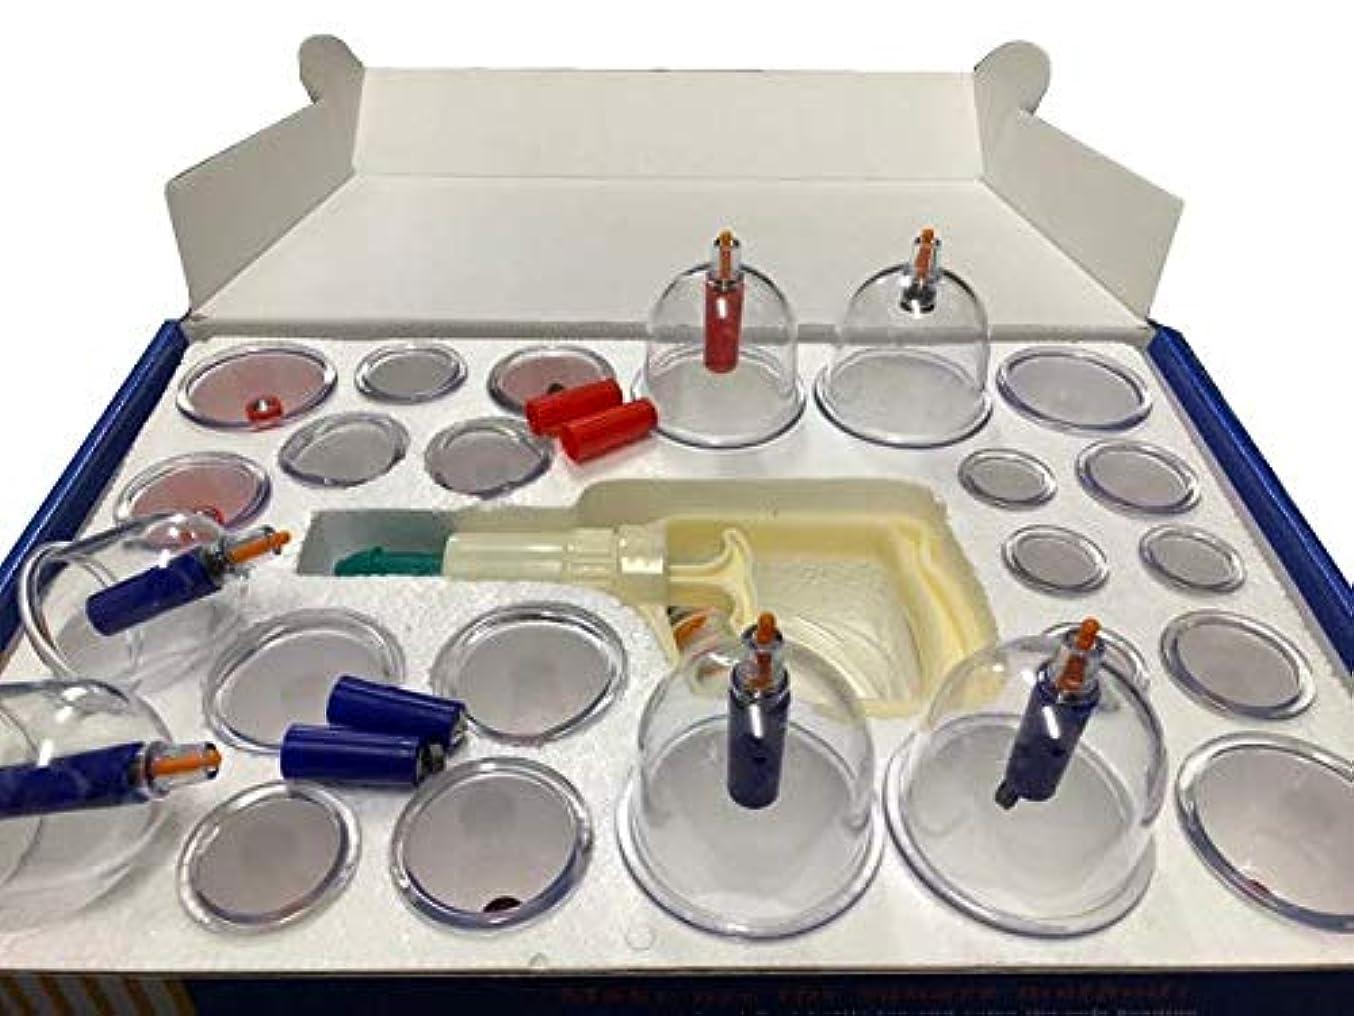 レキシコン沿って食堂カッピング 吸引 バキューム エステ 痩身 マッサージ デトックス バキューム 器具 かっさ リンパケア